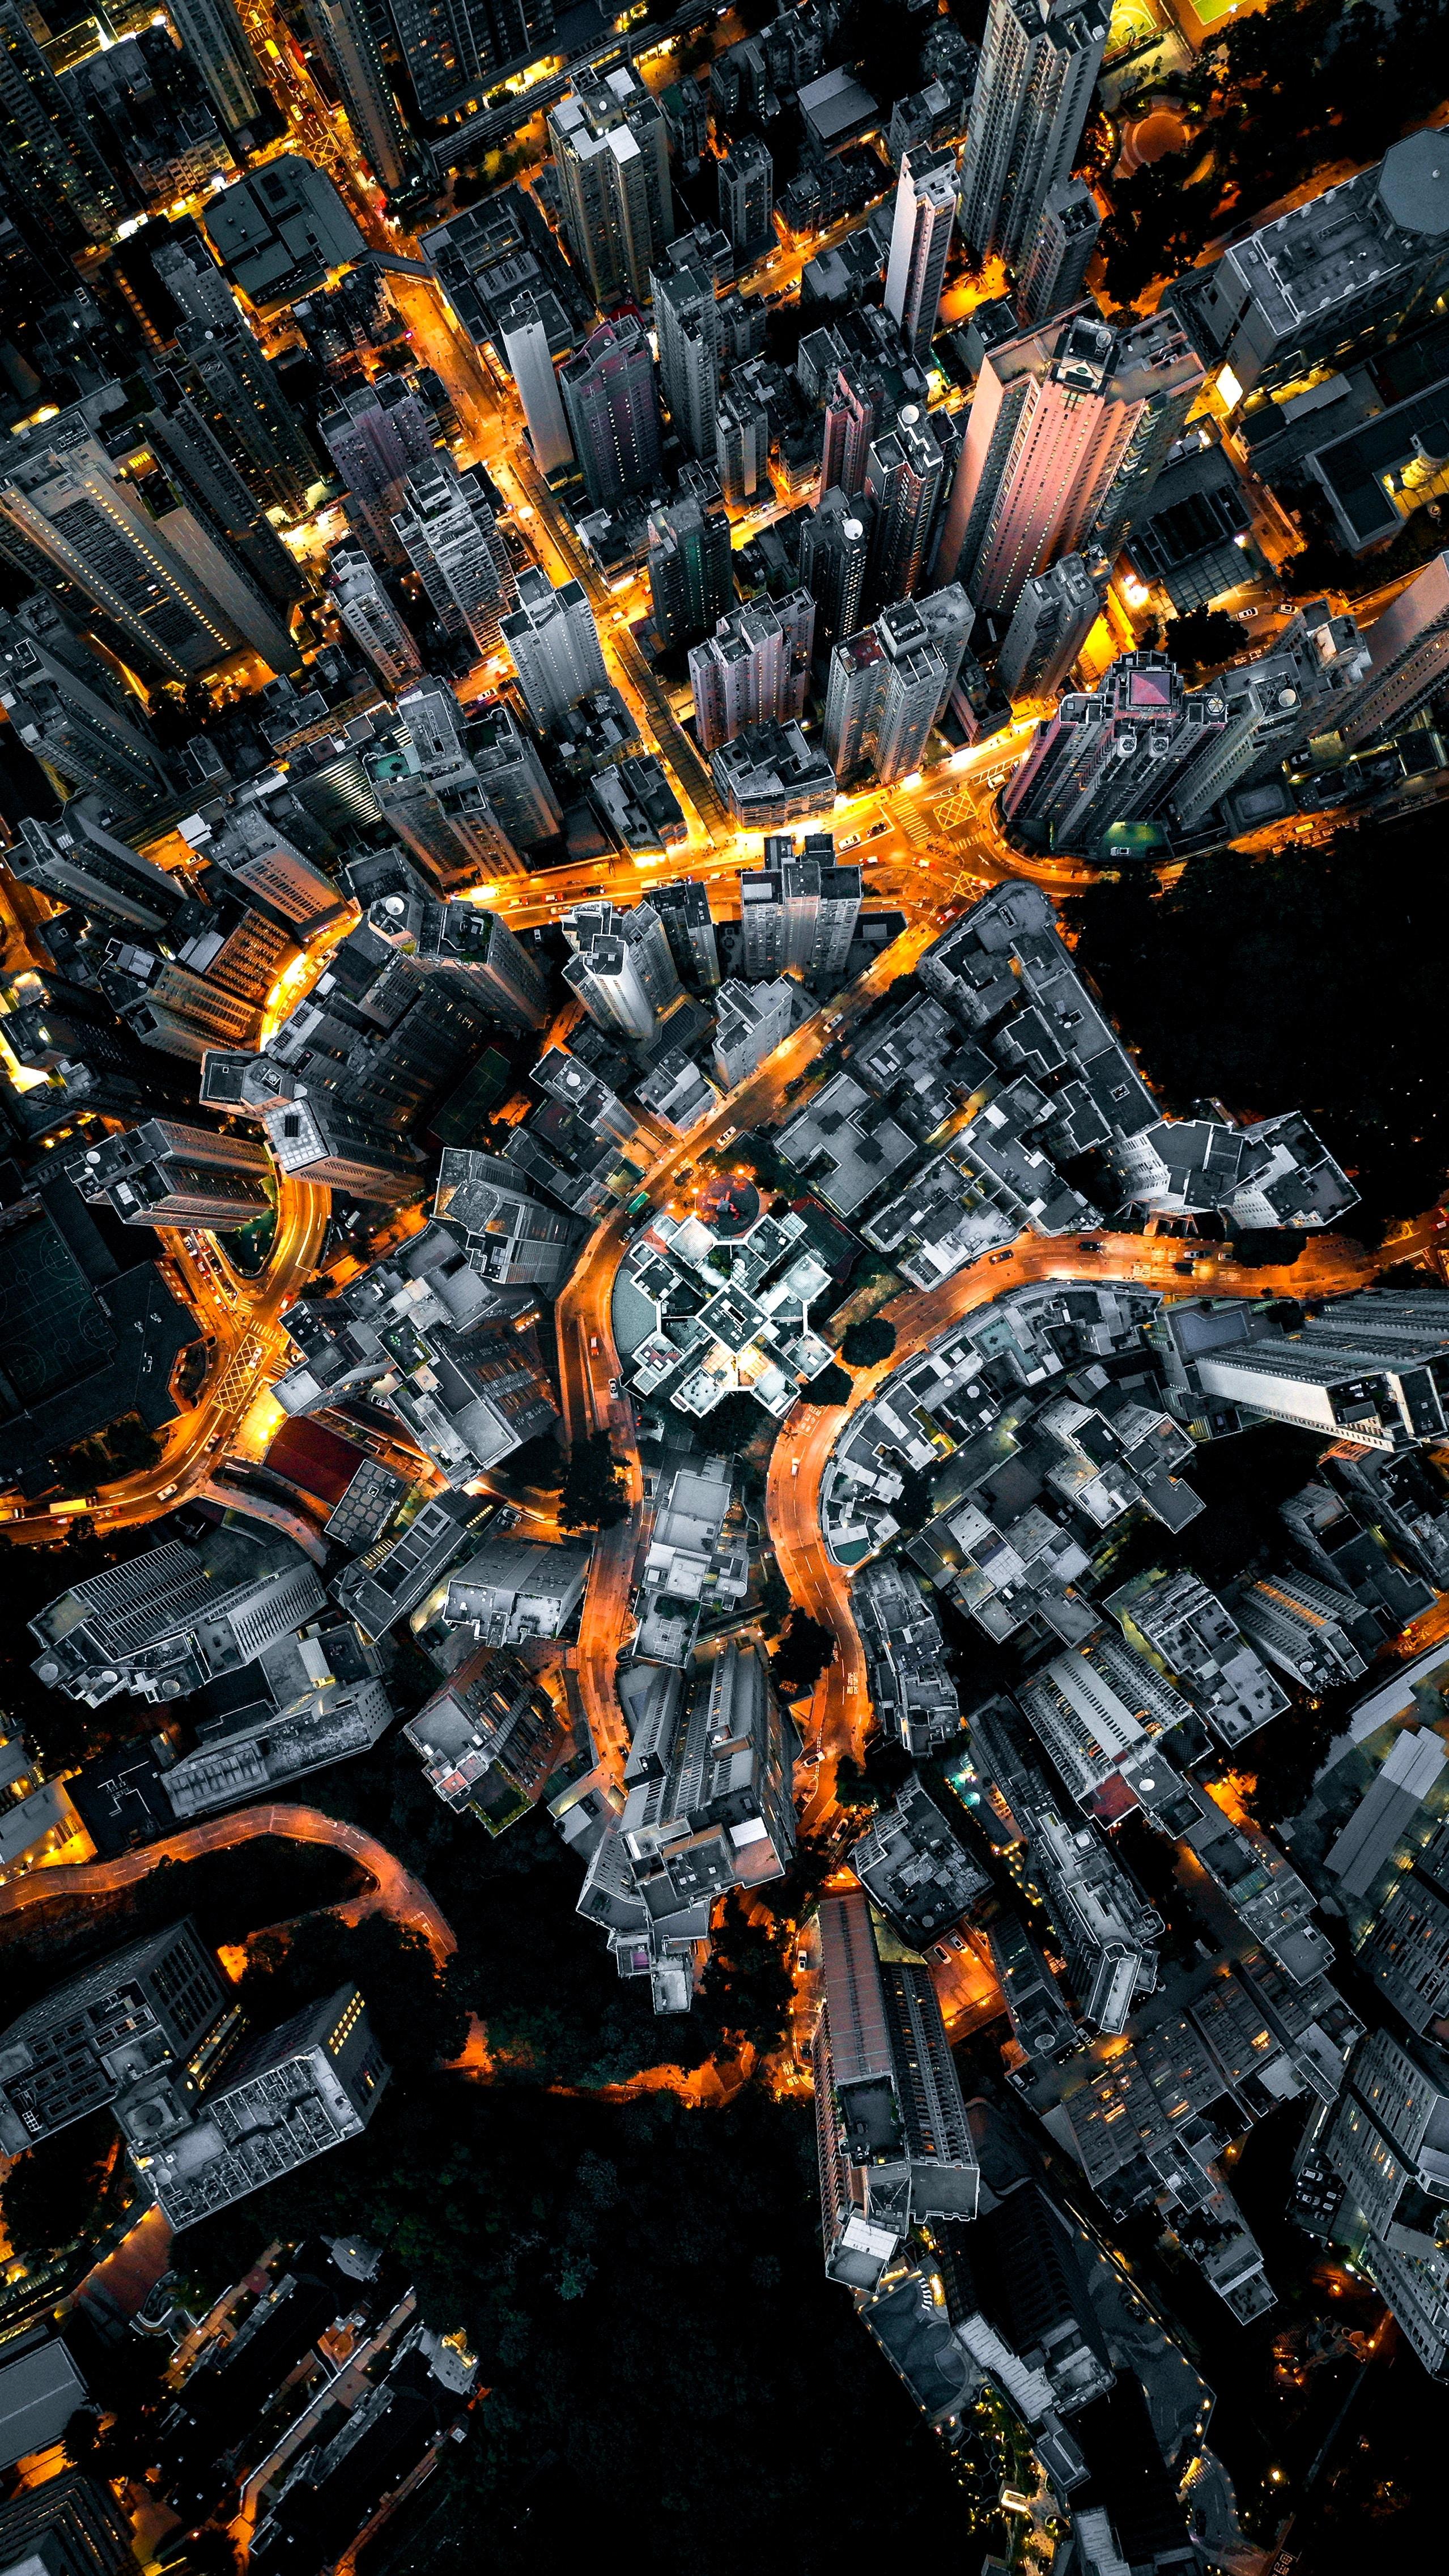 124842 Hintergrundbild herunterladen Roads, Städte, Stadt, Gebäude, Blick Von Oben, Megapolis, Megalopolis - Bildschirmschoner und Bilder kostenlos